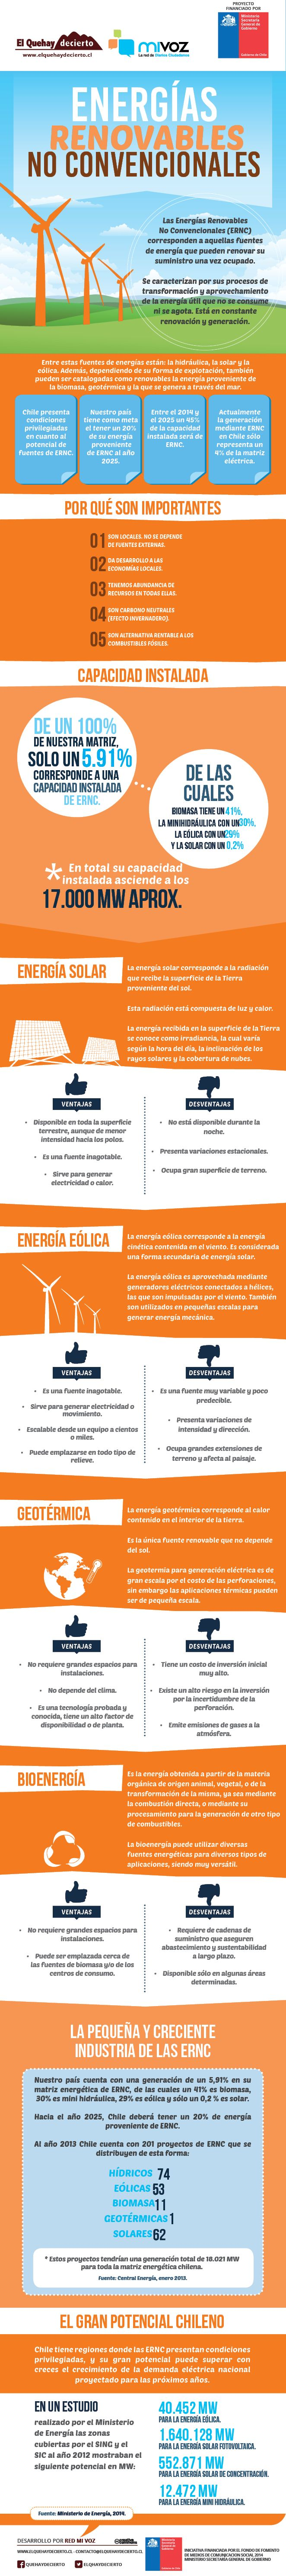 [Infografía] ¿Cómo andamos con las energías renovables no convencionales? | El QueHayDecierto.cl , Noticias de Copiapó y Atacama